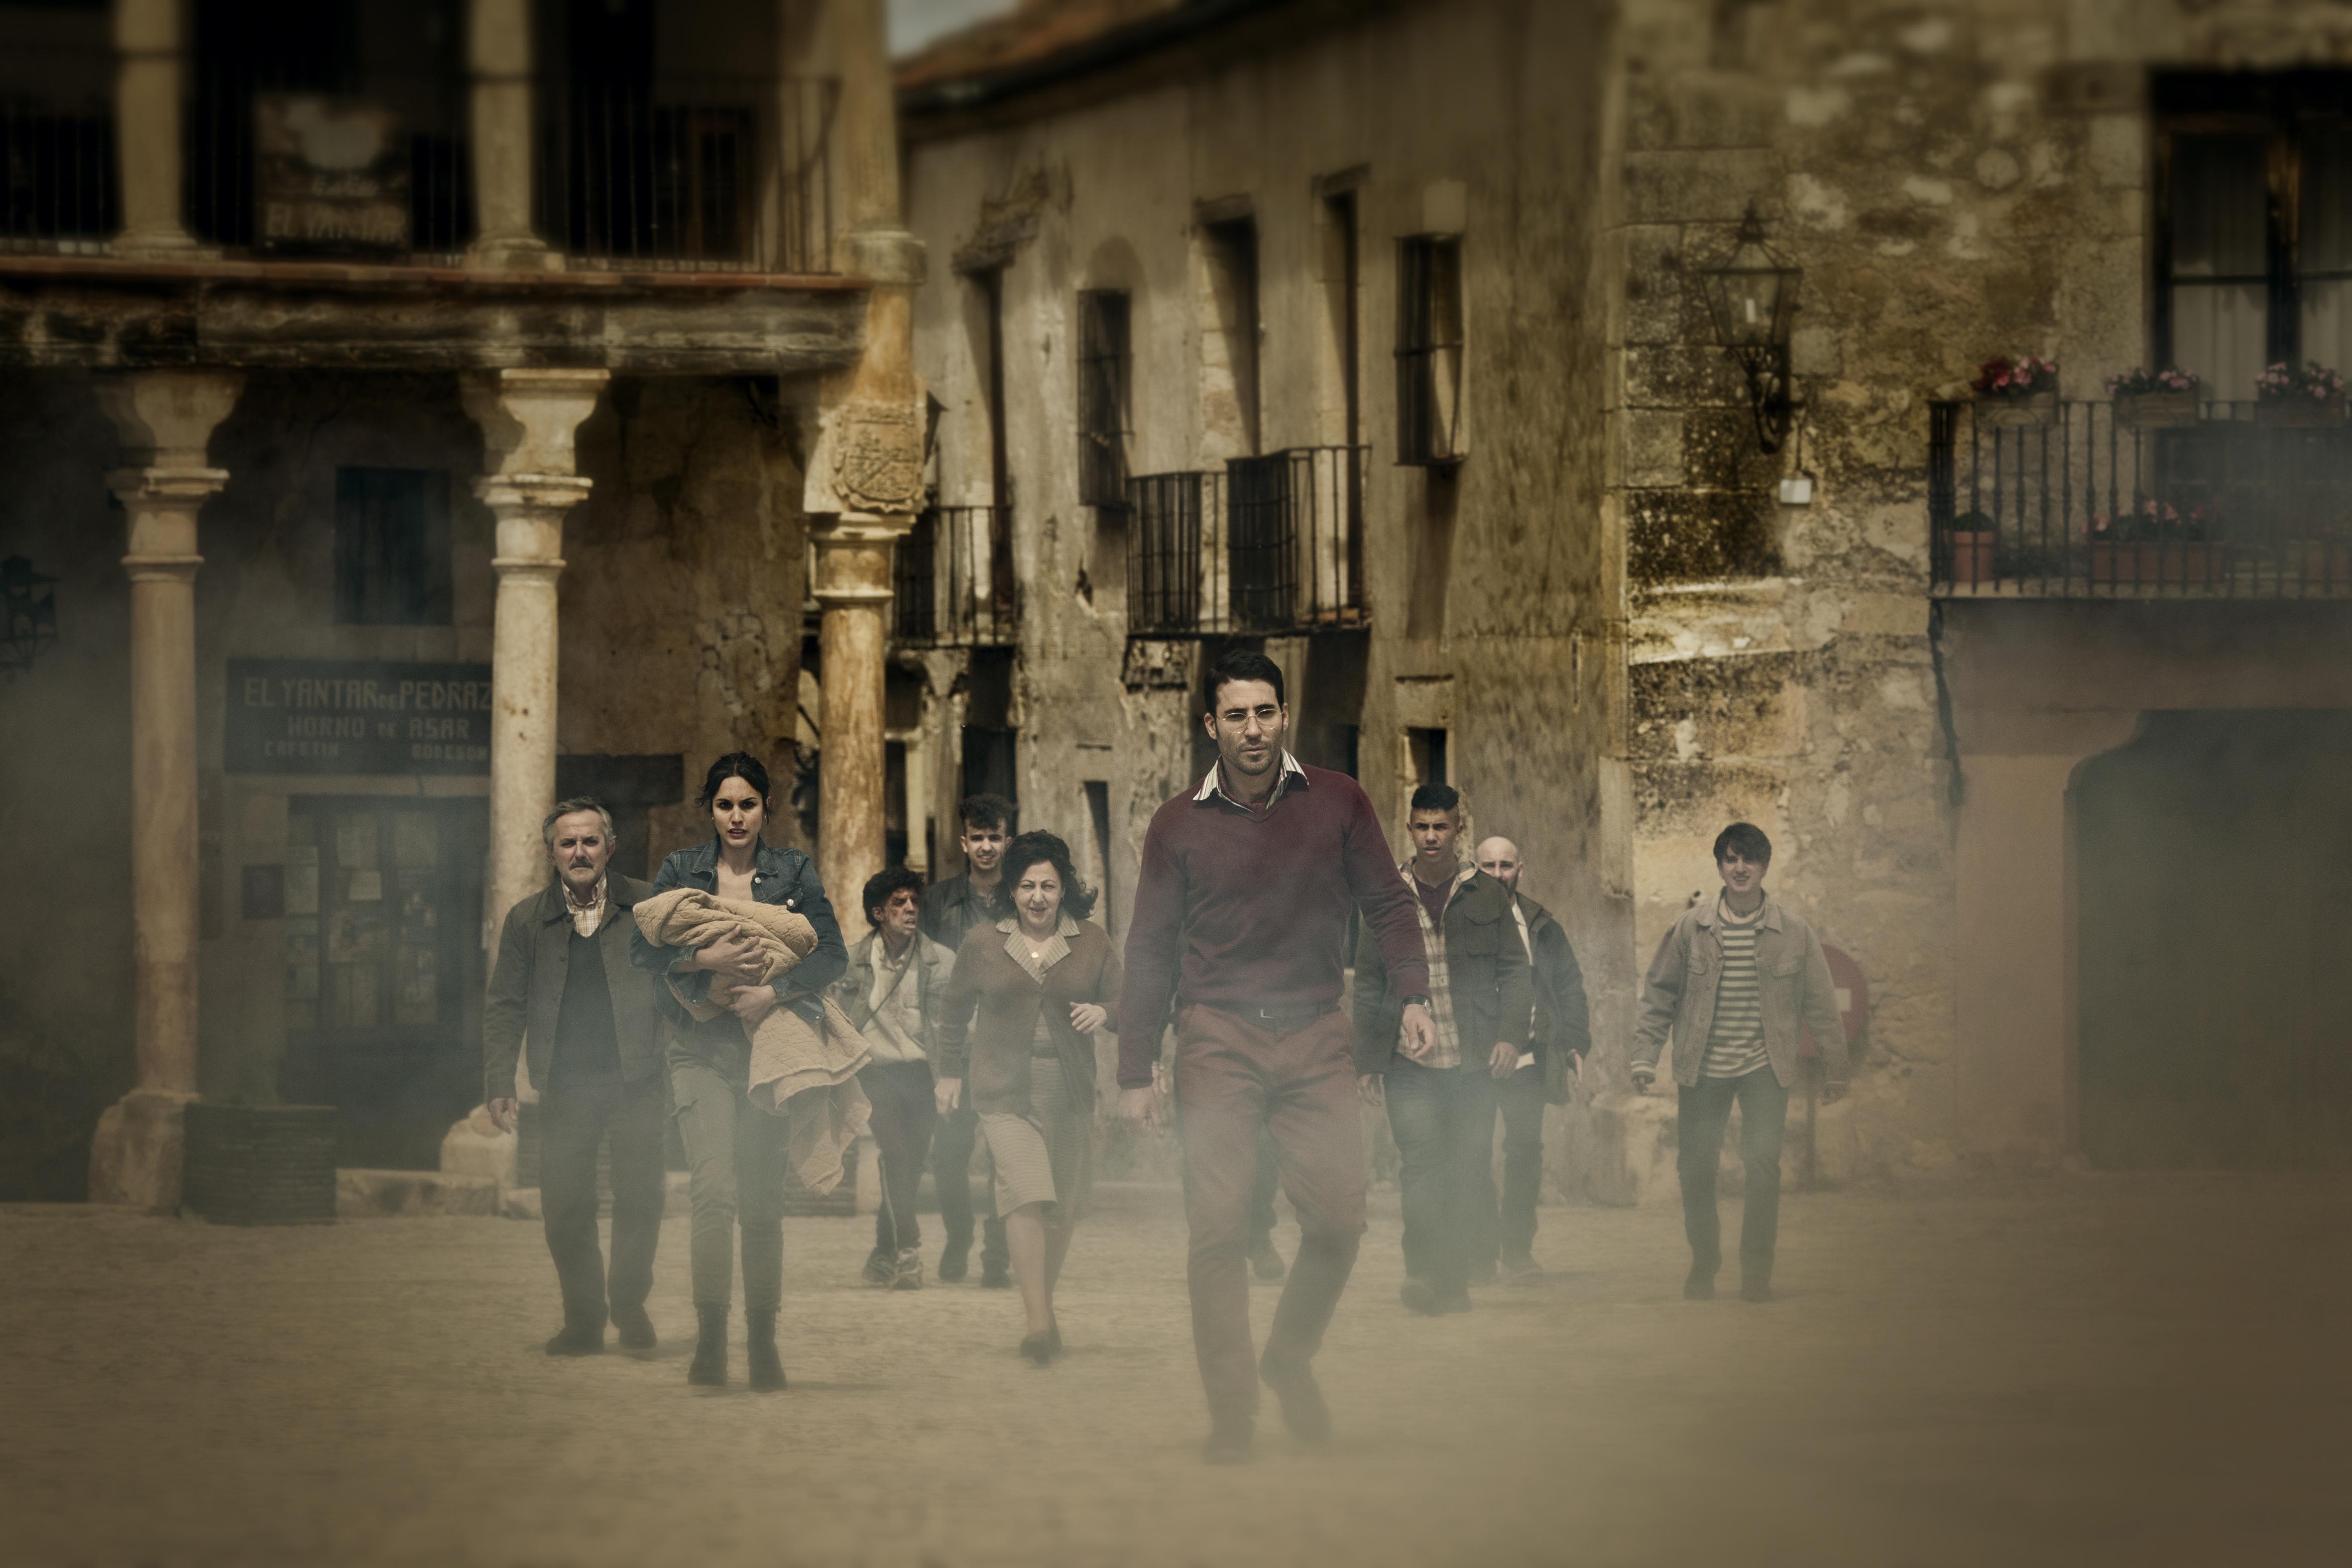 30 ezüst jelenet, amikor Paco, a polgármester elindulnak a paphoz